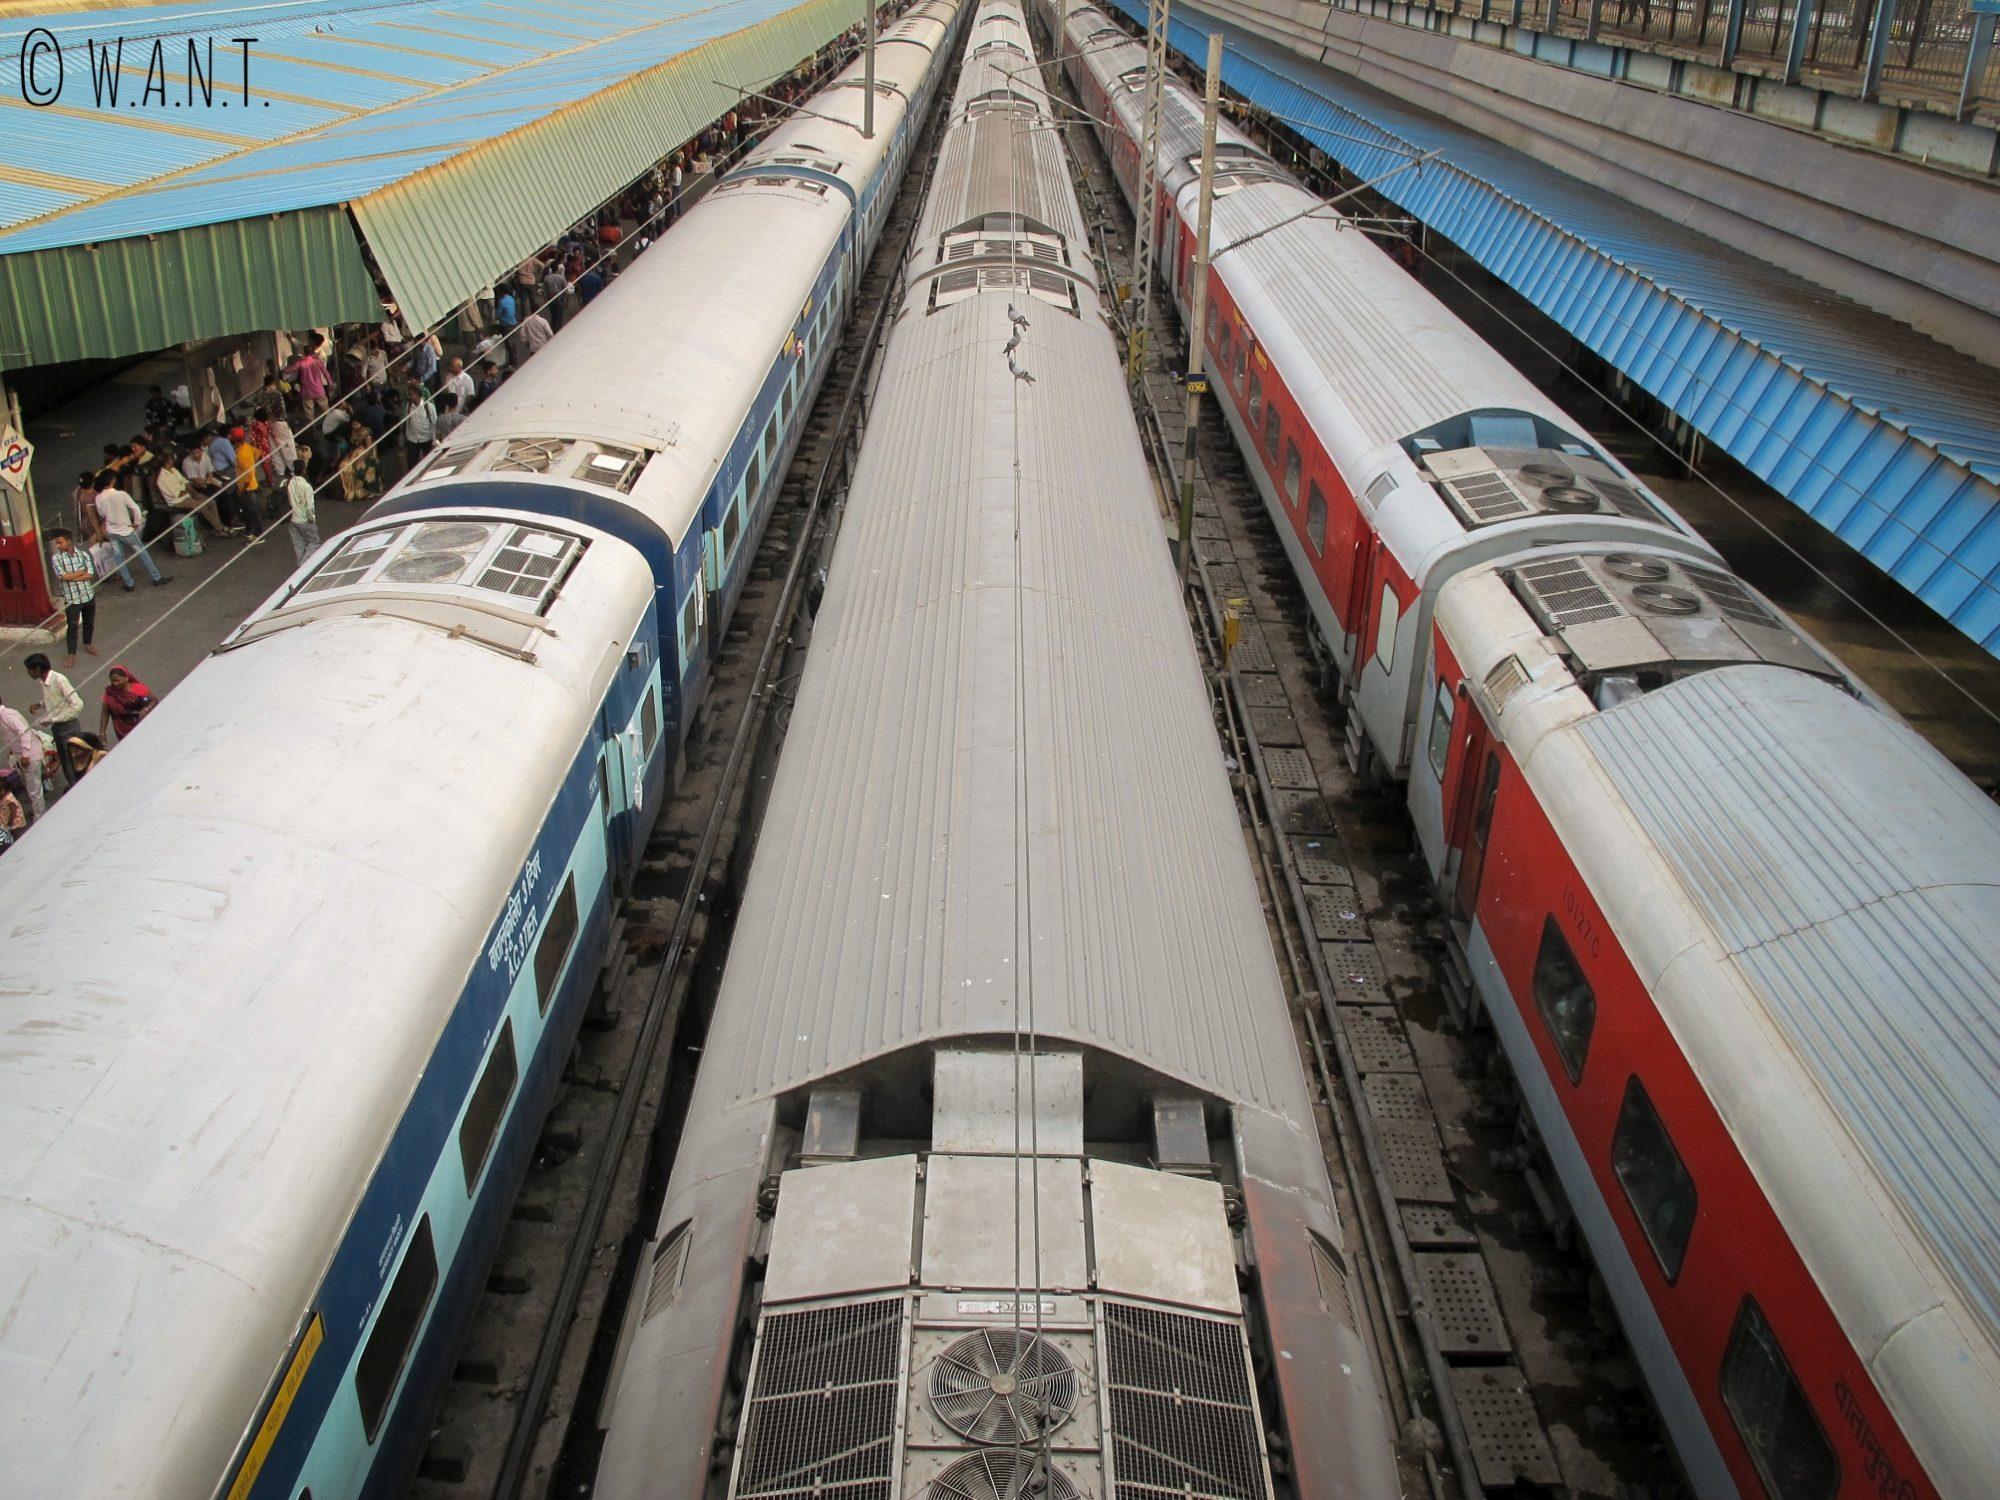 Les trains se succèdent à la gare de New Delhi